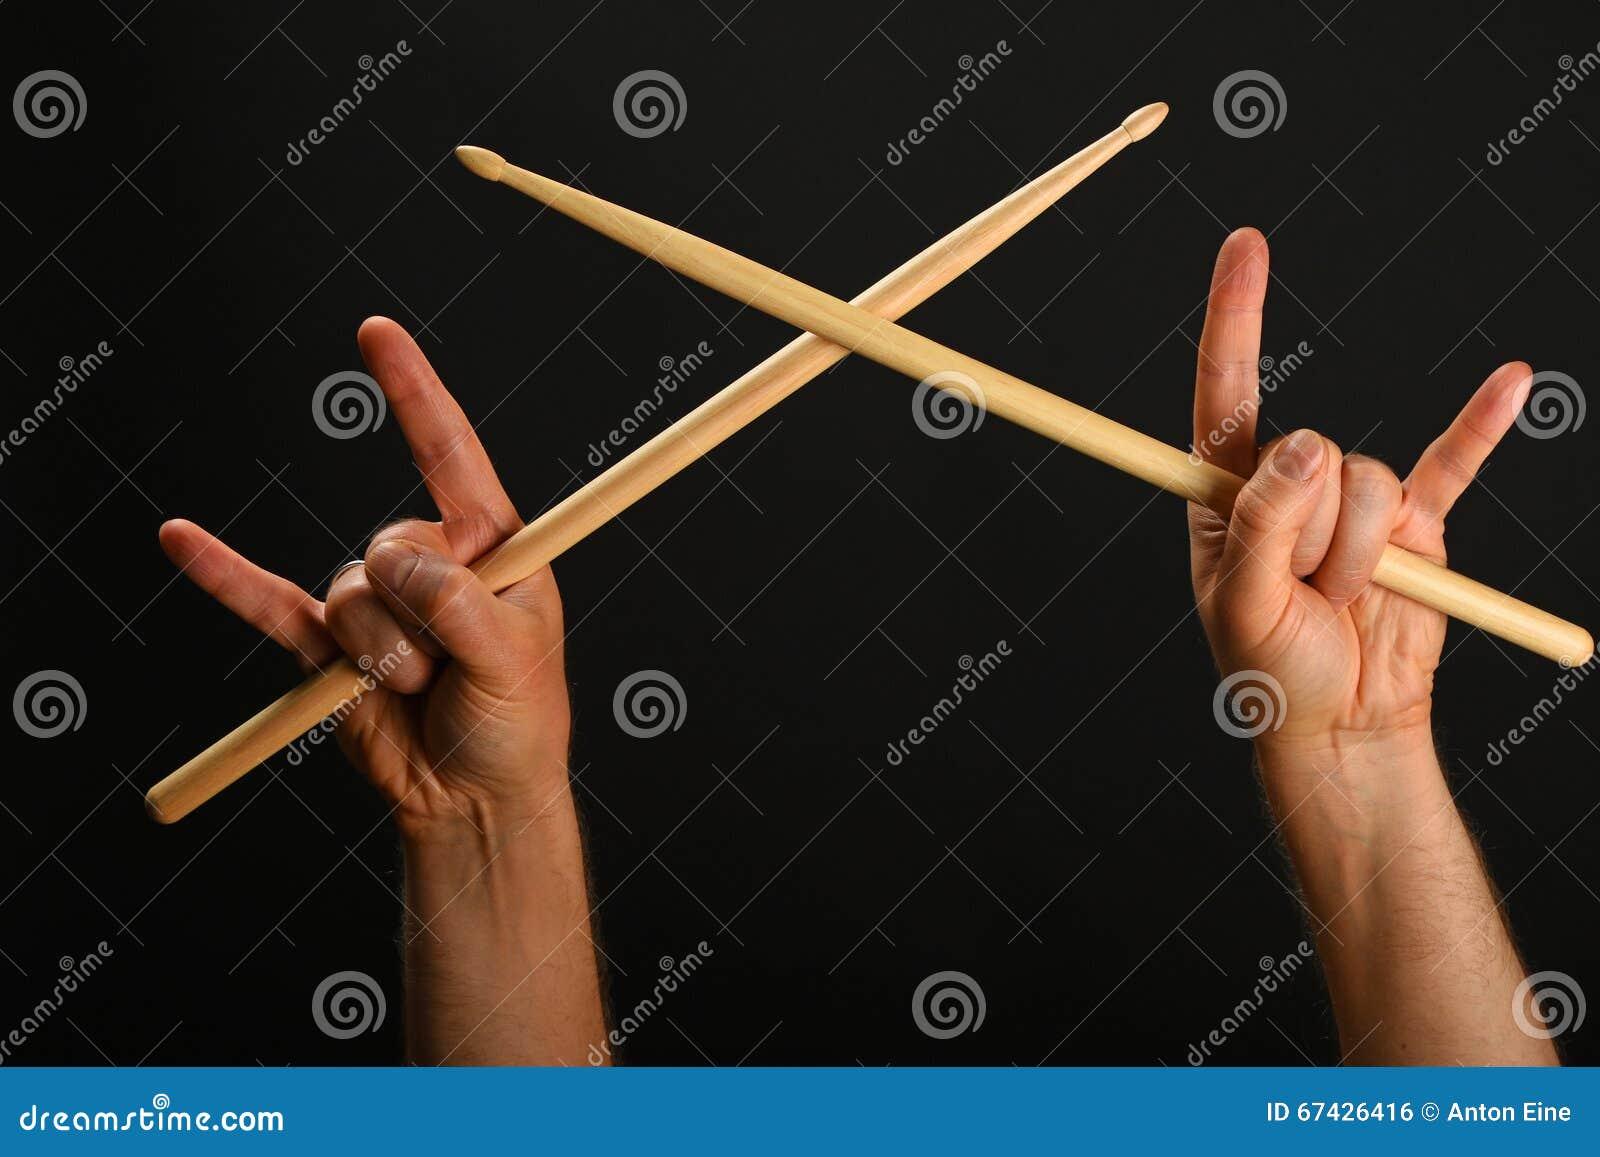 Zwei Hände mit gekreuzten Trommelstöcken und Teufelhörnern